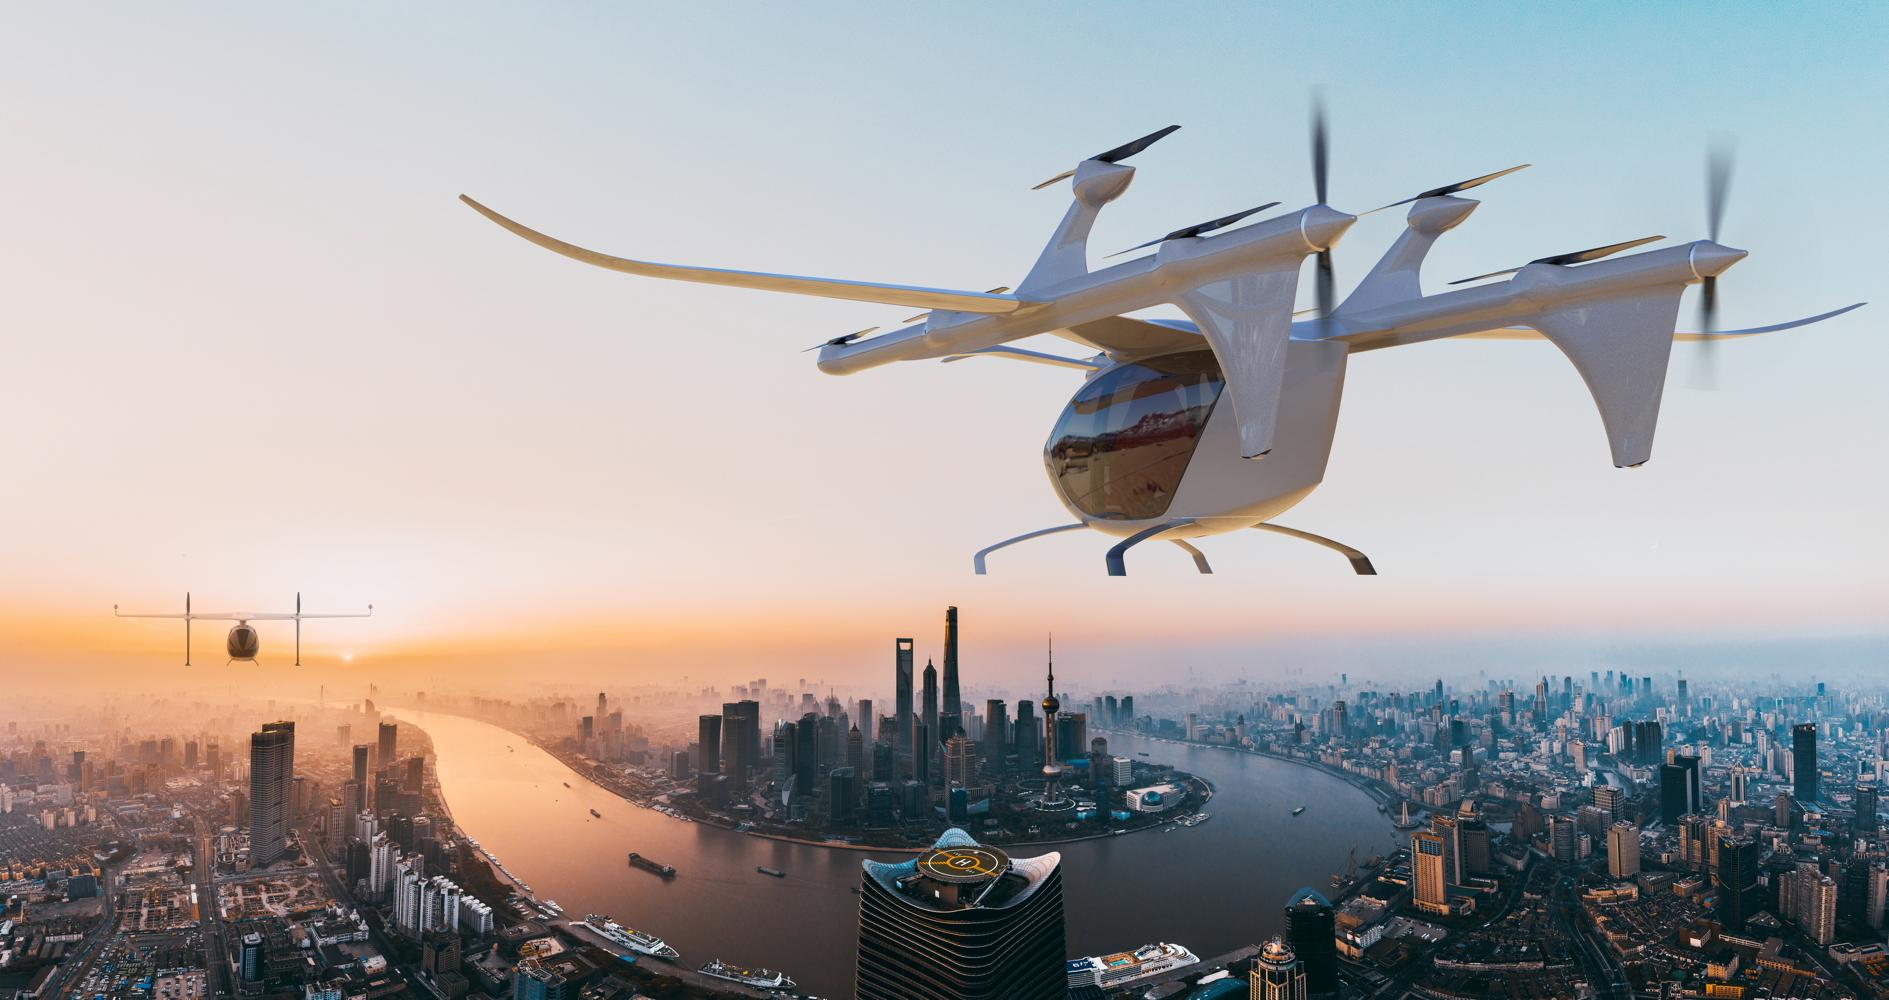 AutoFlight V1500M air taxi